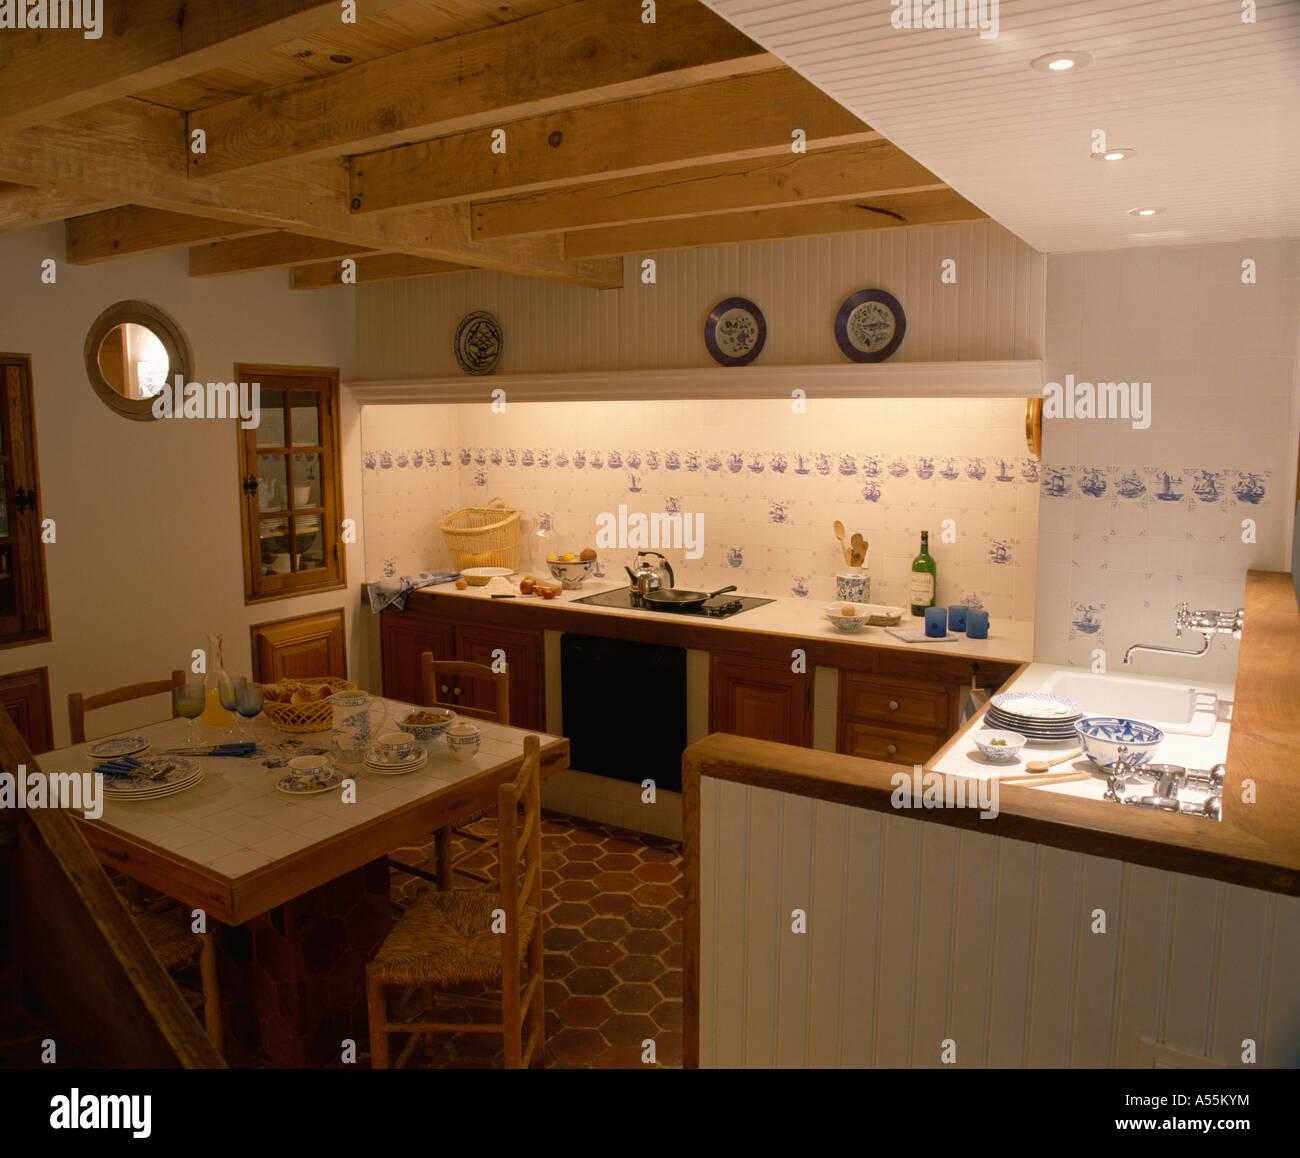 Weiße 70er Jahre Küche Esszimmer mit blauen Fliesen ...